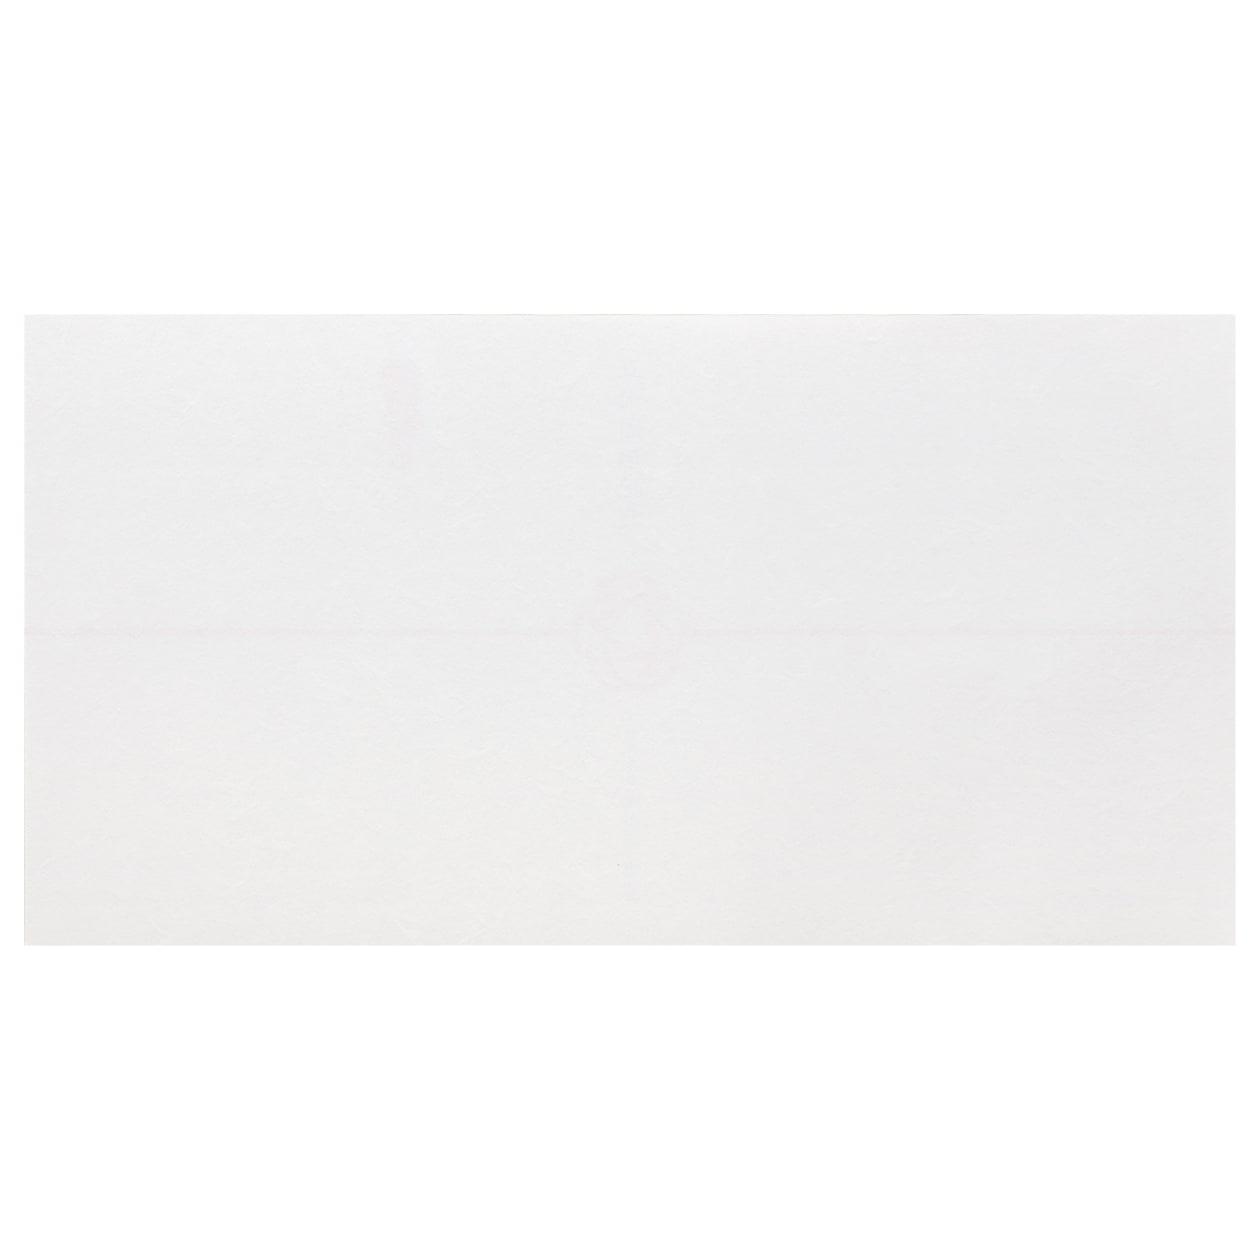 サンプル カード・シート 00437